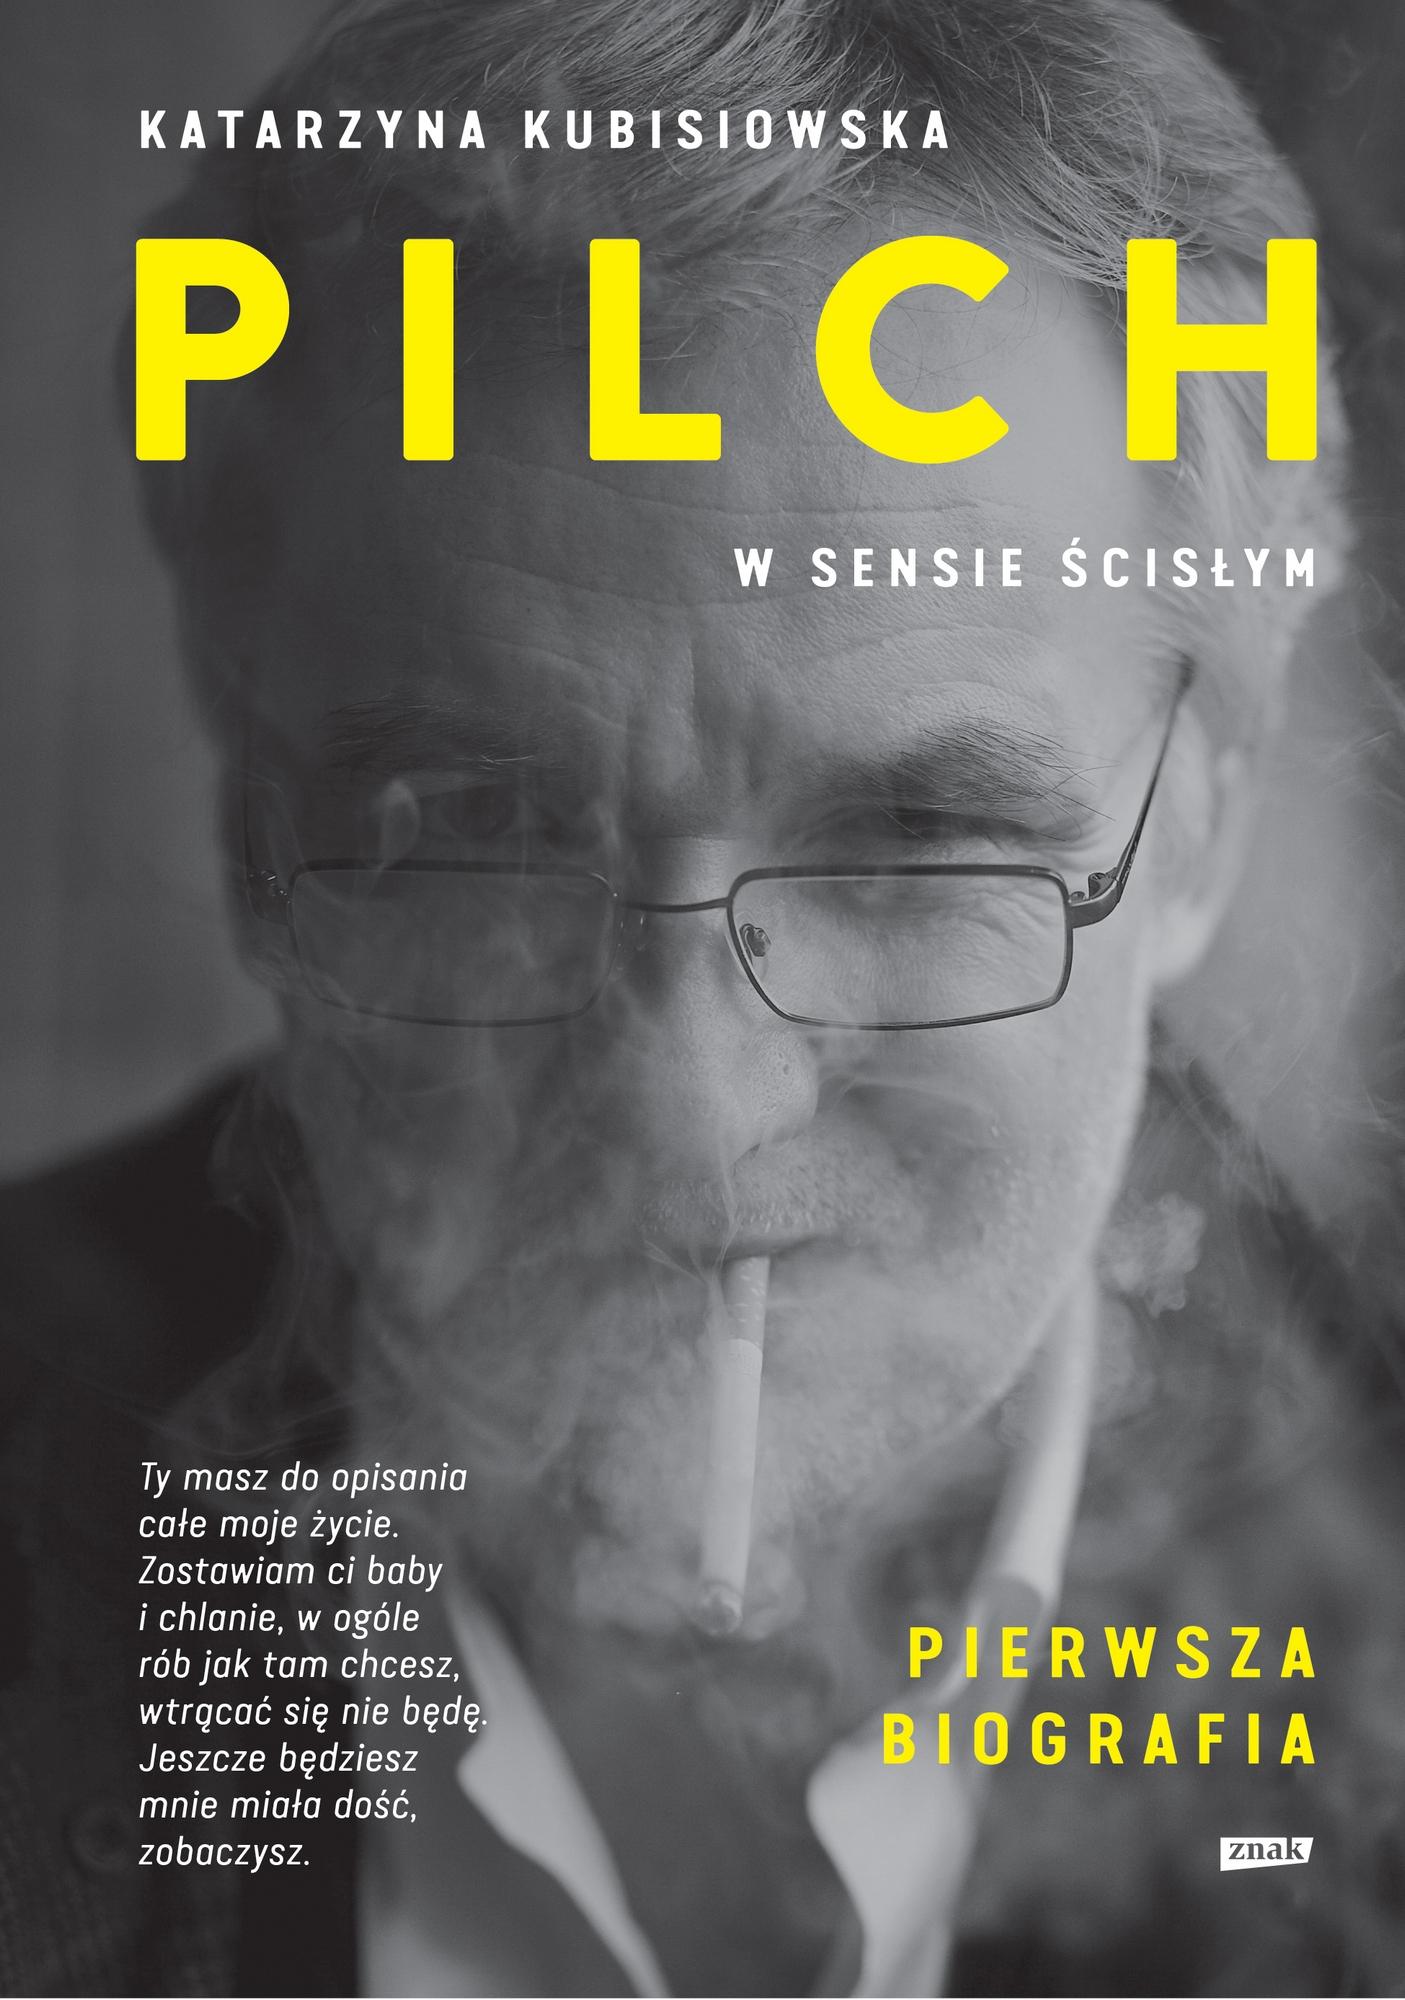 """Katarzyna Kubisiowska, """"Pilch w sensie ścisłym. Pierwsza biografia"""", okładka (źródło: materiały prasowe wydawcy)"""